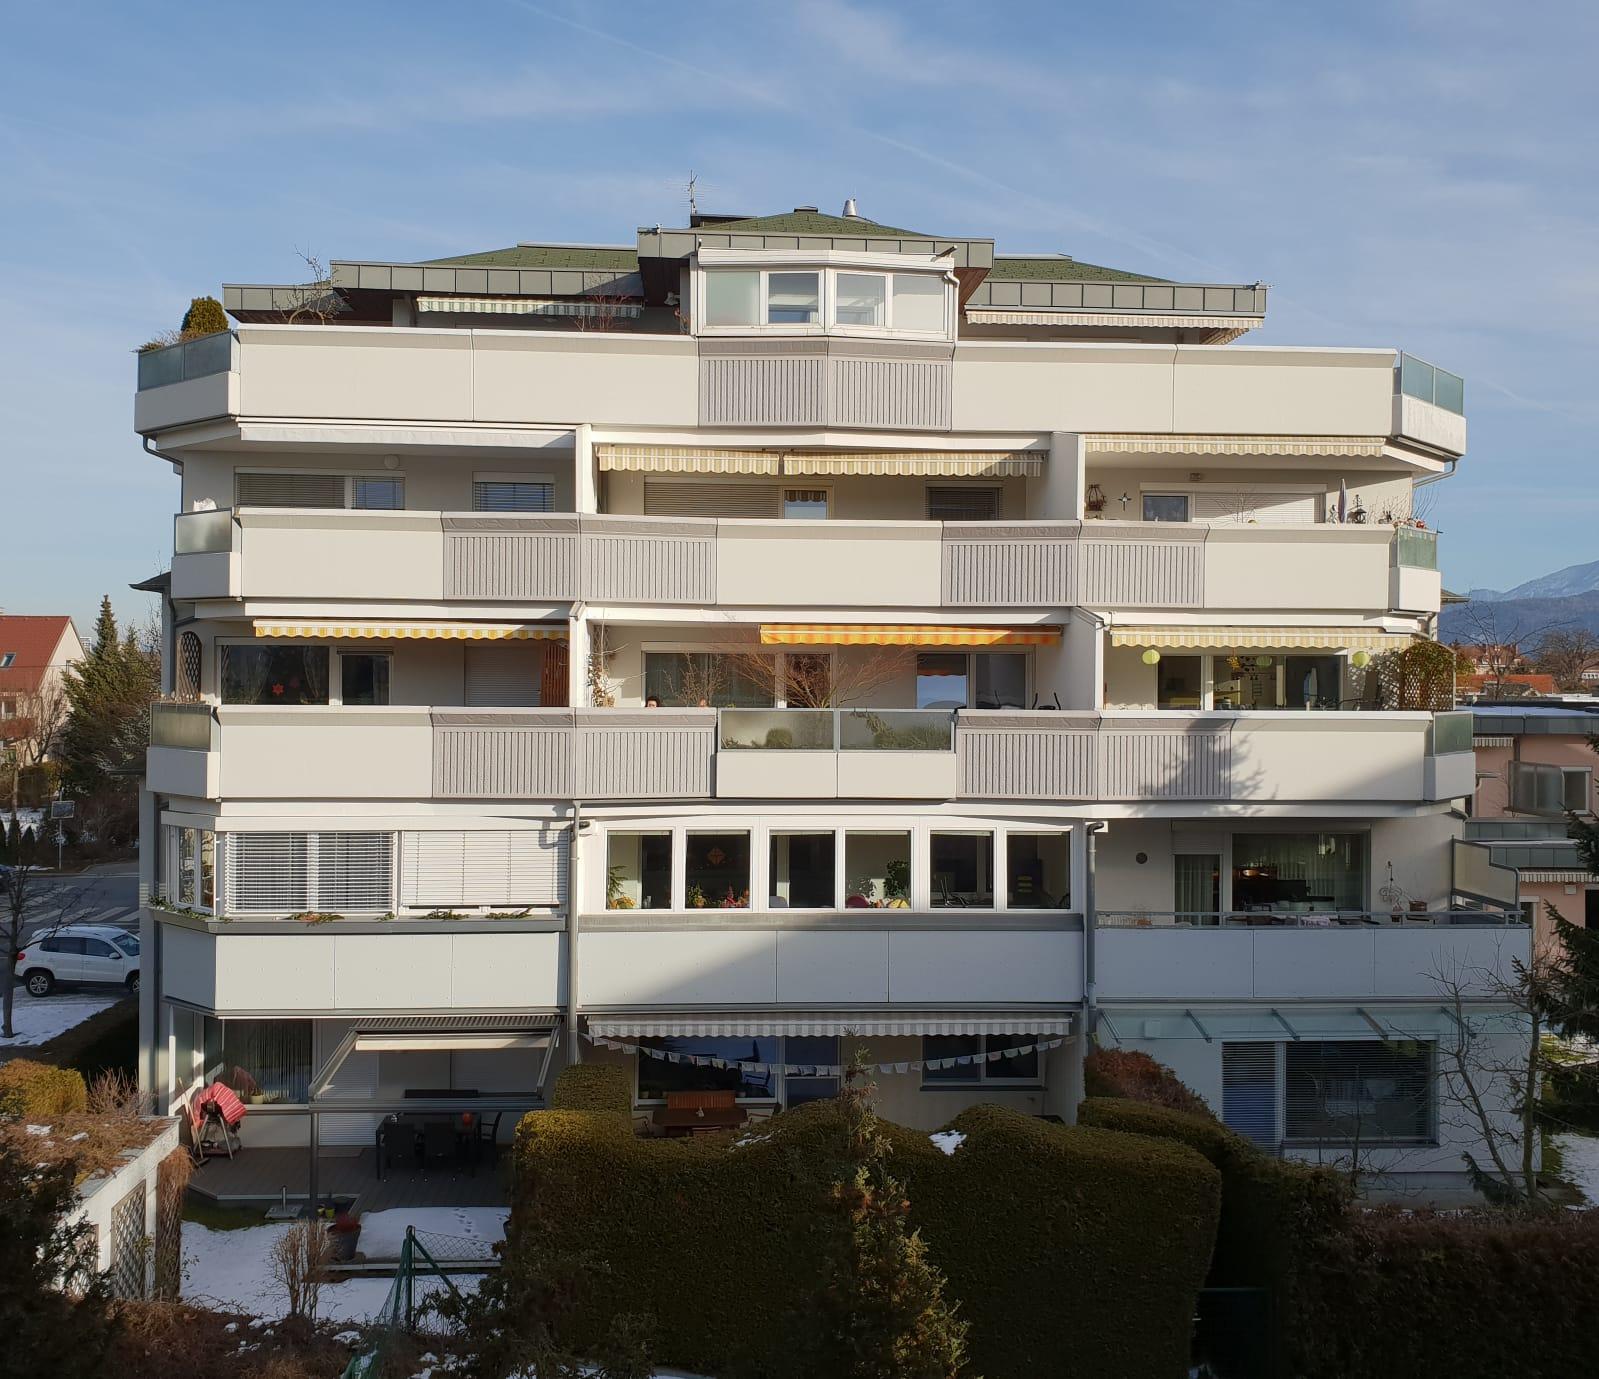 Mozartstrasse, Ginzkeygasse, Klagenfurt, Real- Wohnbau, Büro, Grünlage, ruhige Lage, Infrastruktur, Seenähe, Uni- Nähe, Waidmannsdorf,